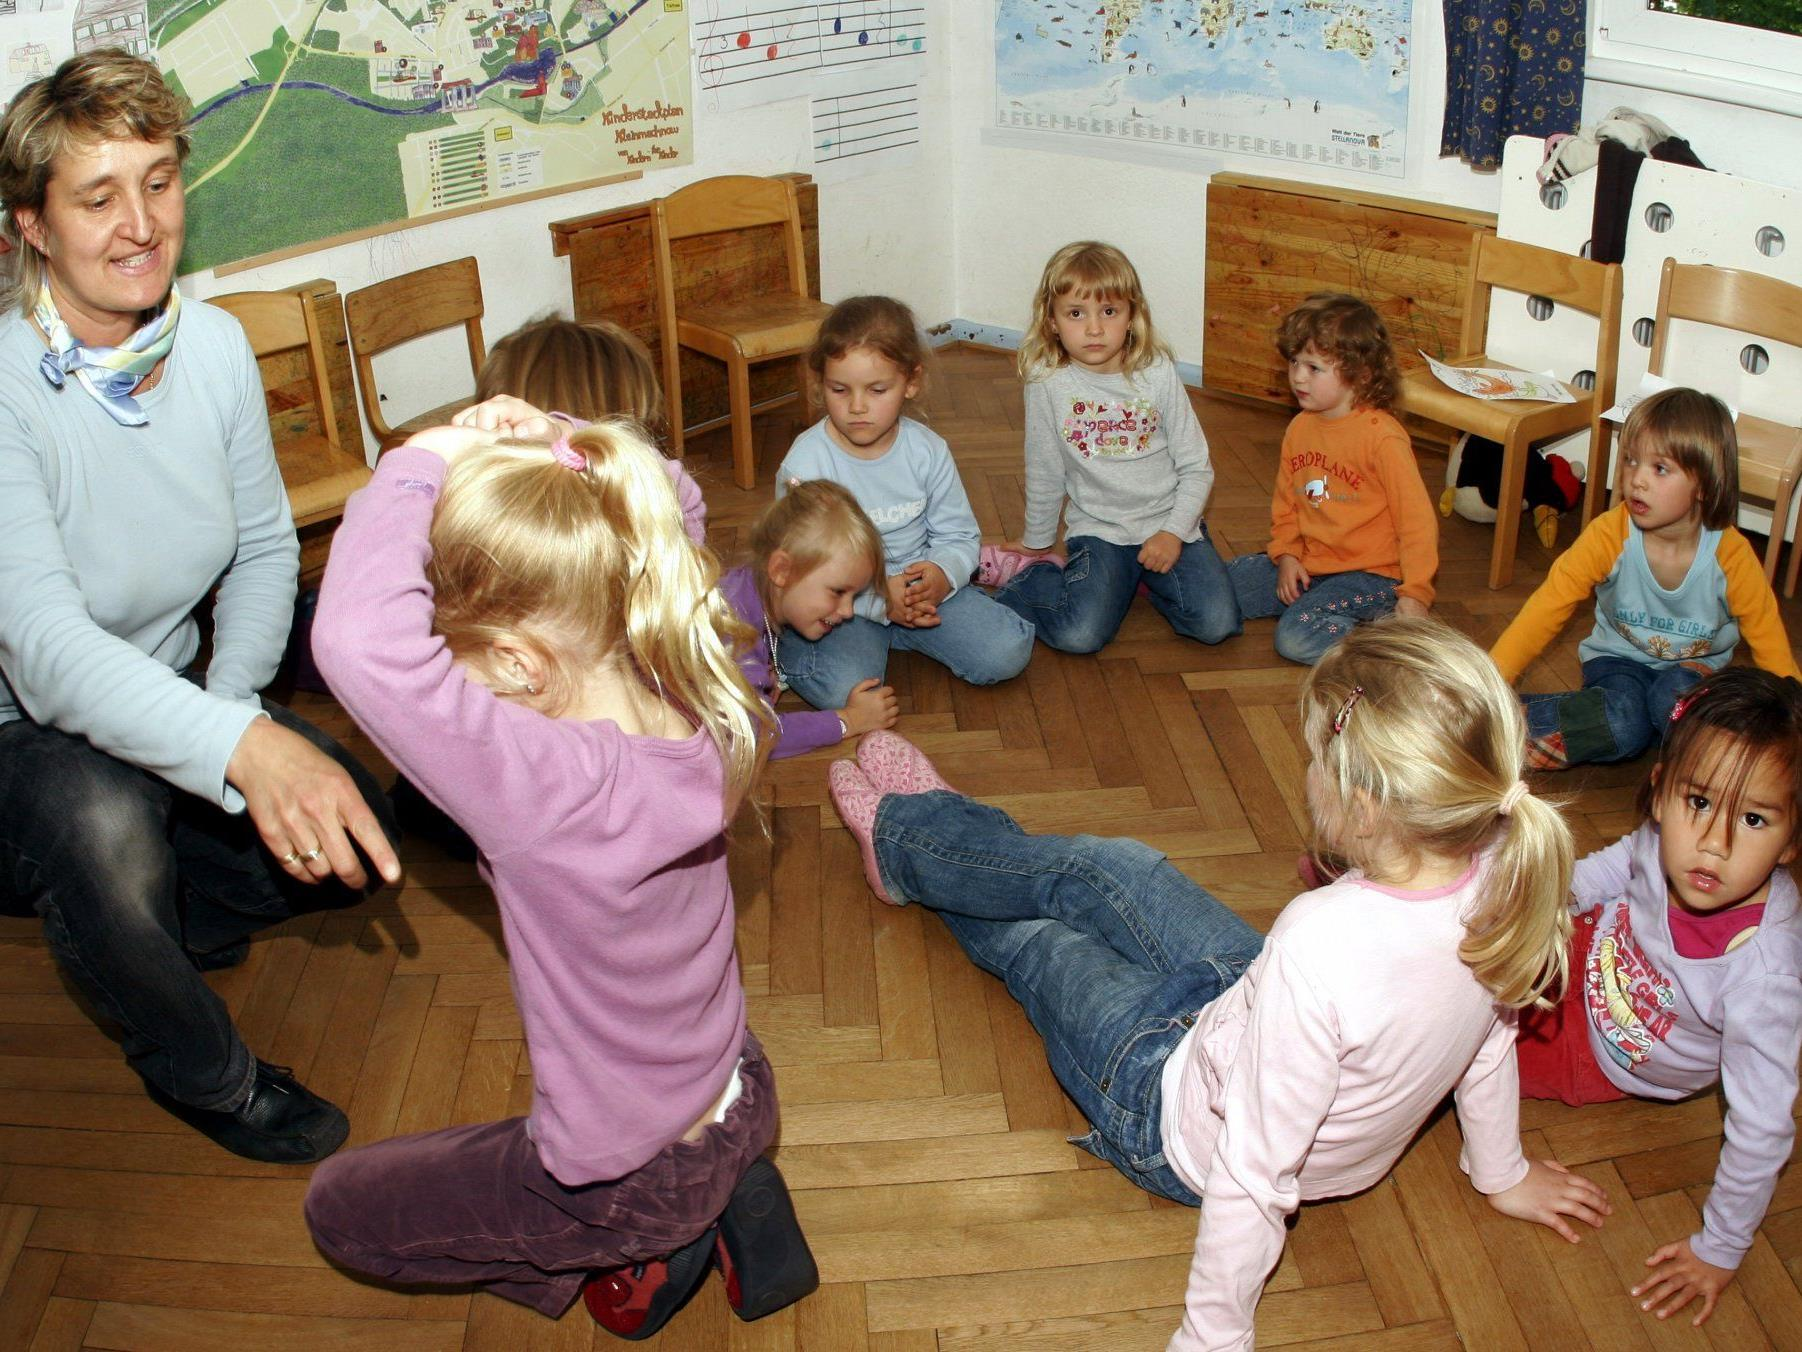 Eine neue Vereinbarung zwischen Bund und Stadt Wien soll die Kinderbetreuung optimieren.